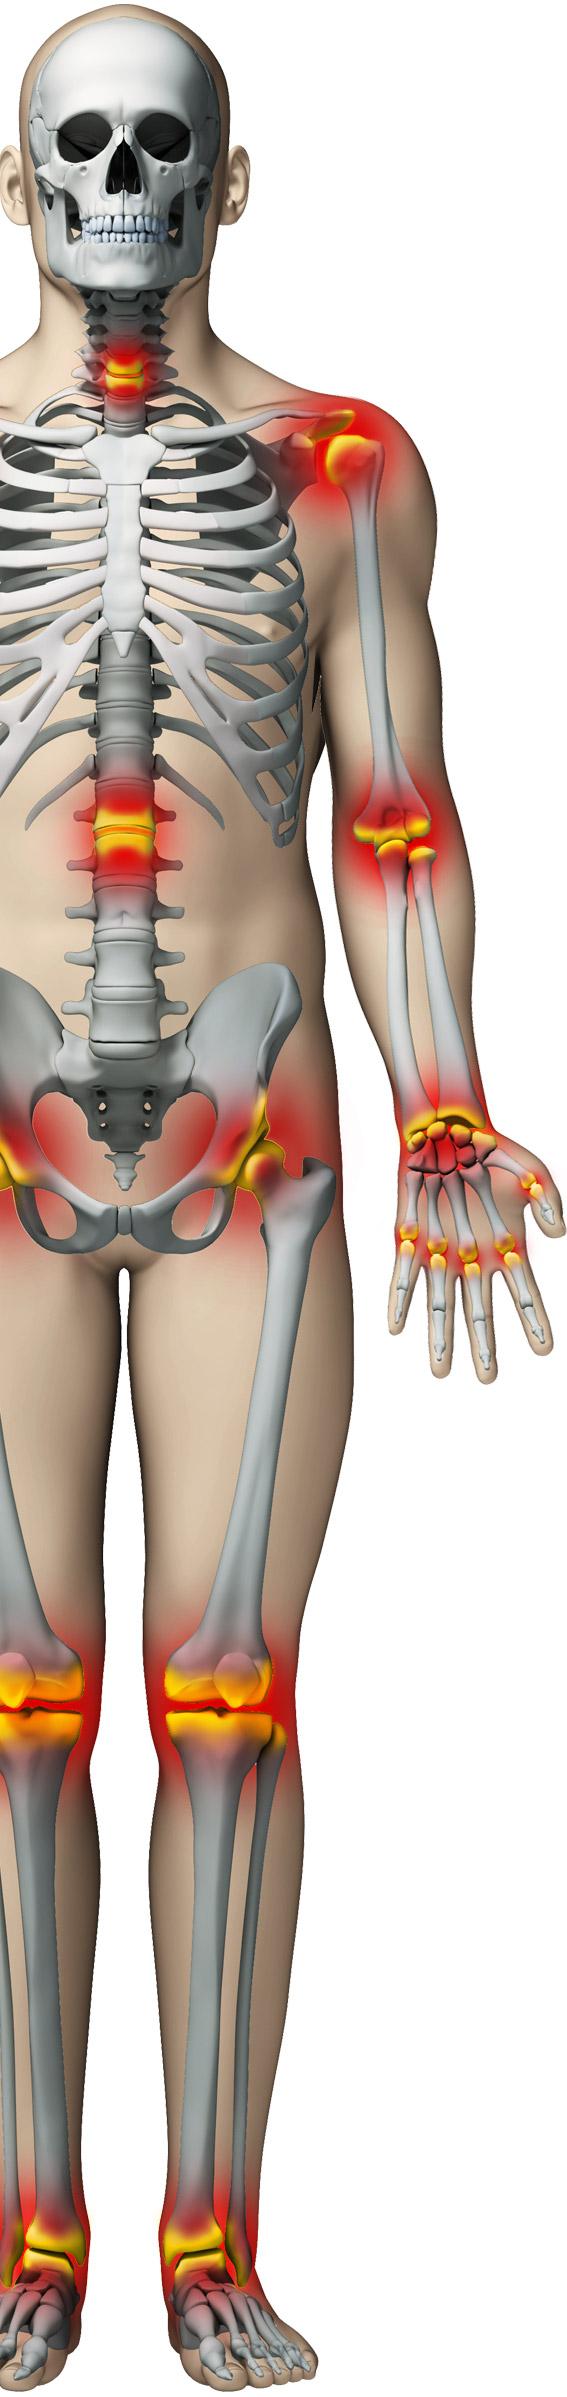 voltaren pentru dureri în articulația umărului tratament de luxație articulară acromioclaviculară